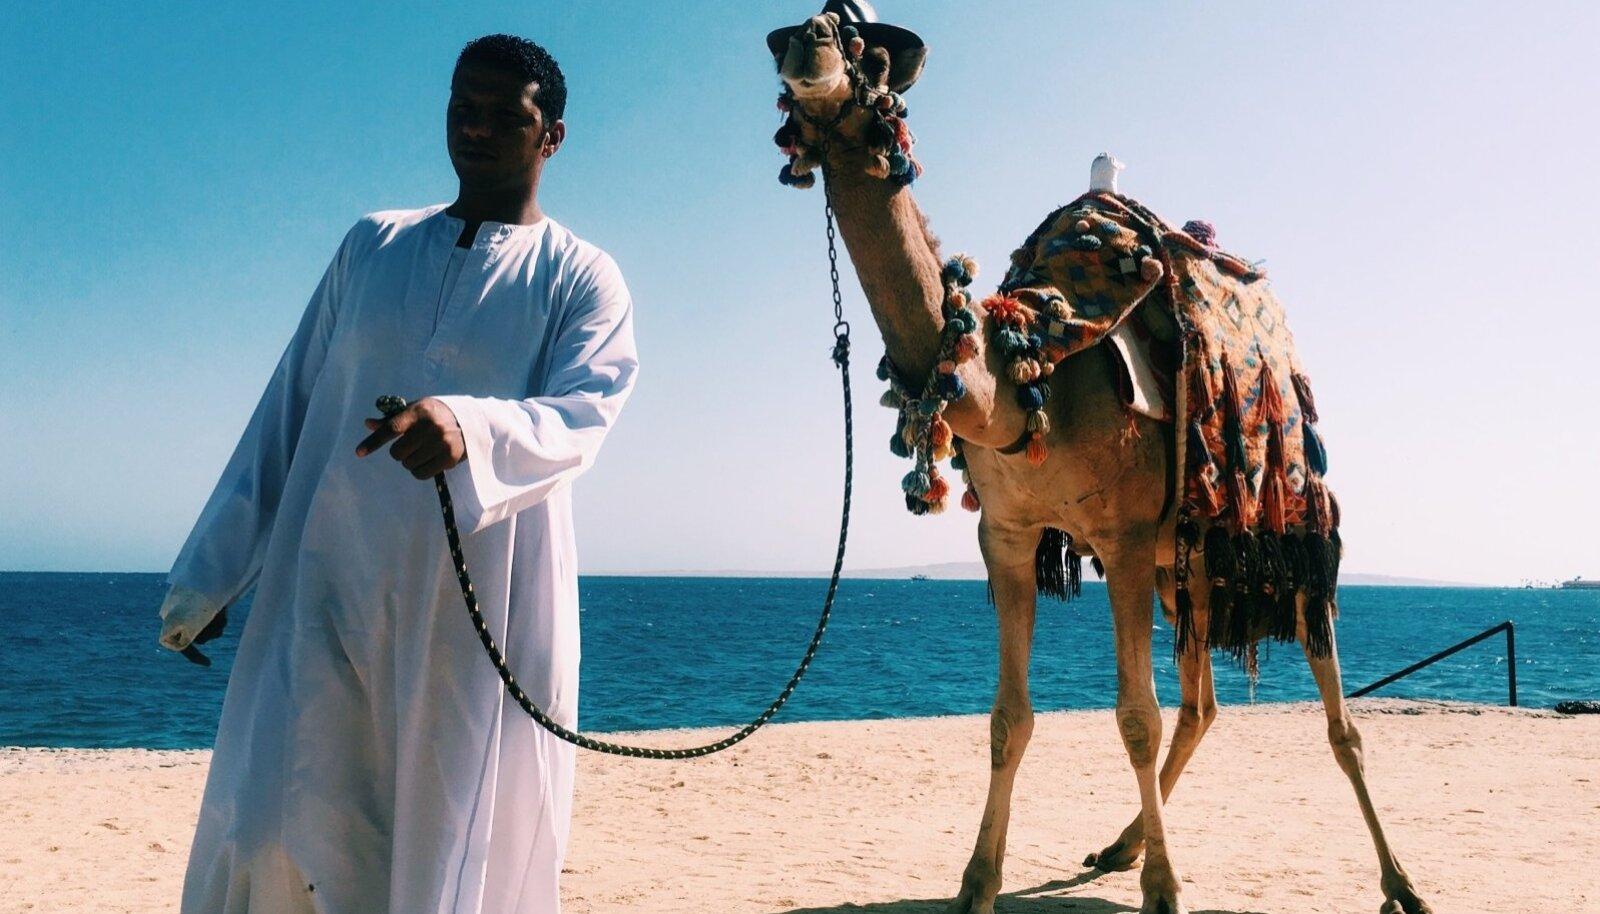 Egiptus ja kaamlid käivad käsikäes.